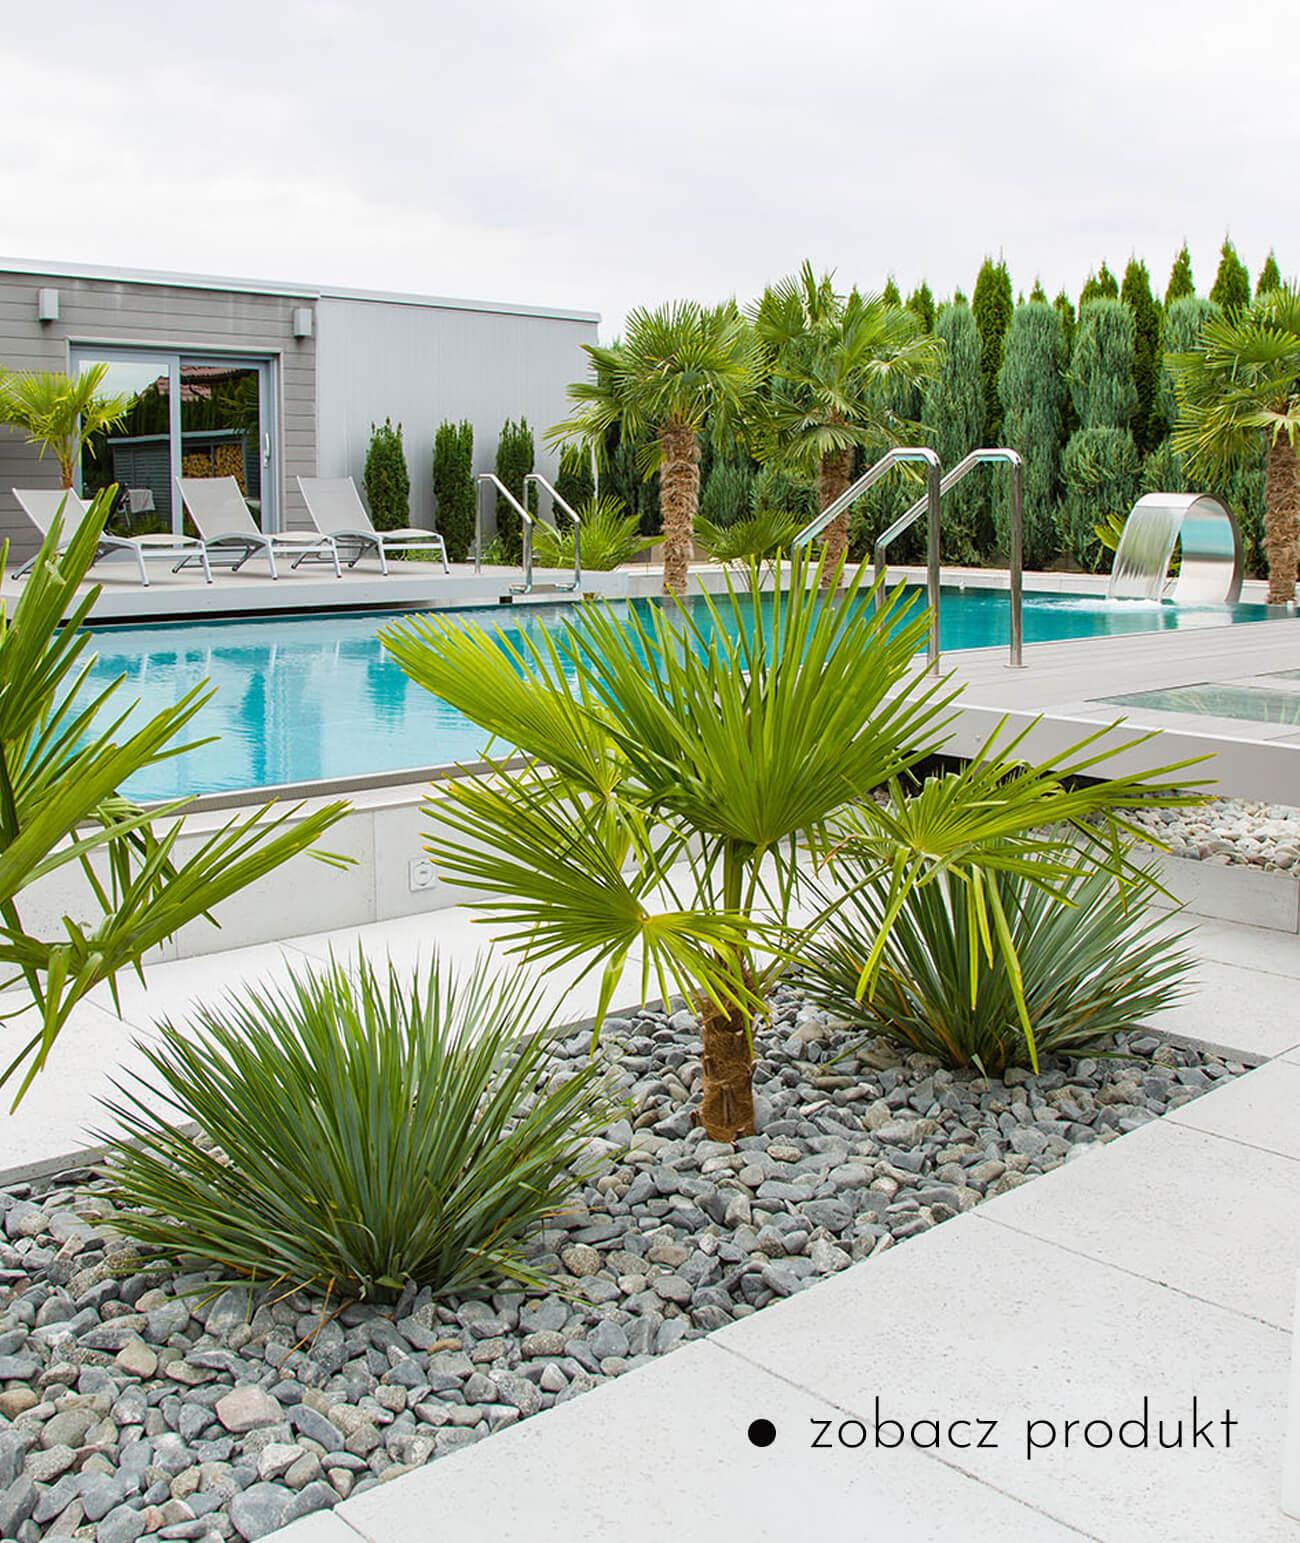 betonowe-plyty-podlogowe-i-tarasowe-beton-architektoniczny_1084-23722-bs-sniezno-bialy---betonowa-plyta-podlogowa-i-tarasowa-beton-architektoniczny